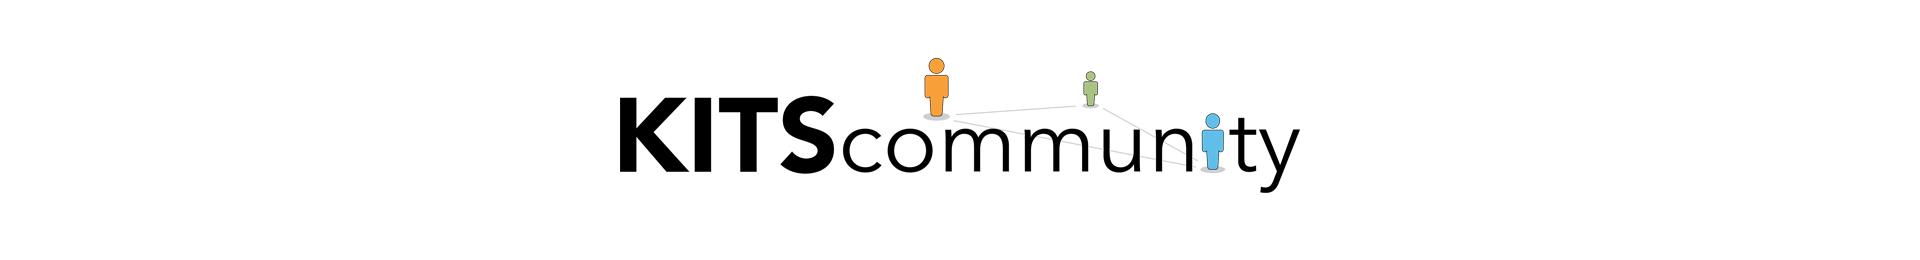 kitscommunity_header